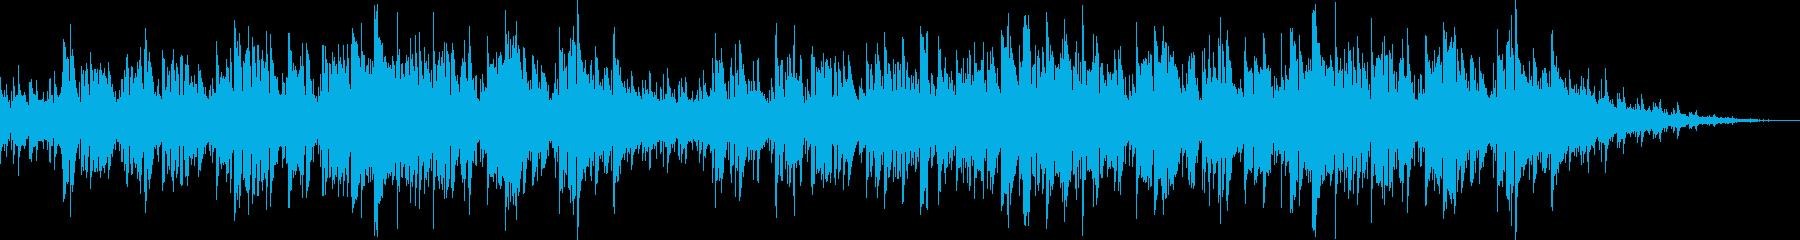 ピアノバラードの切ないラブソングの再生済みの波形